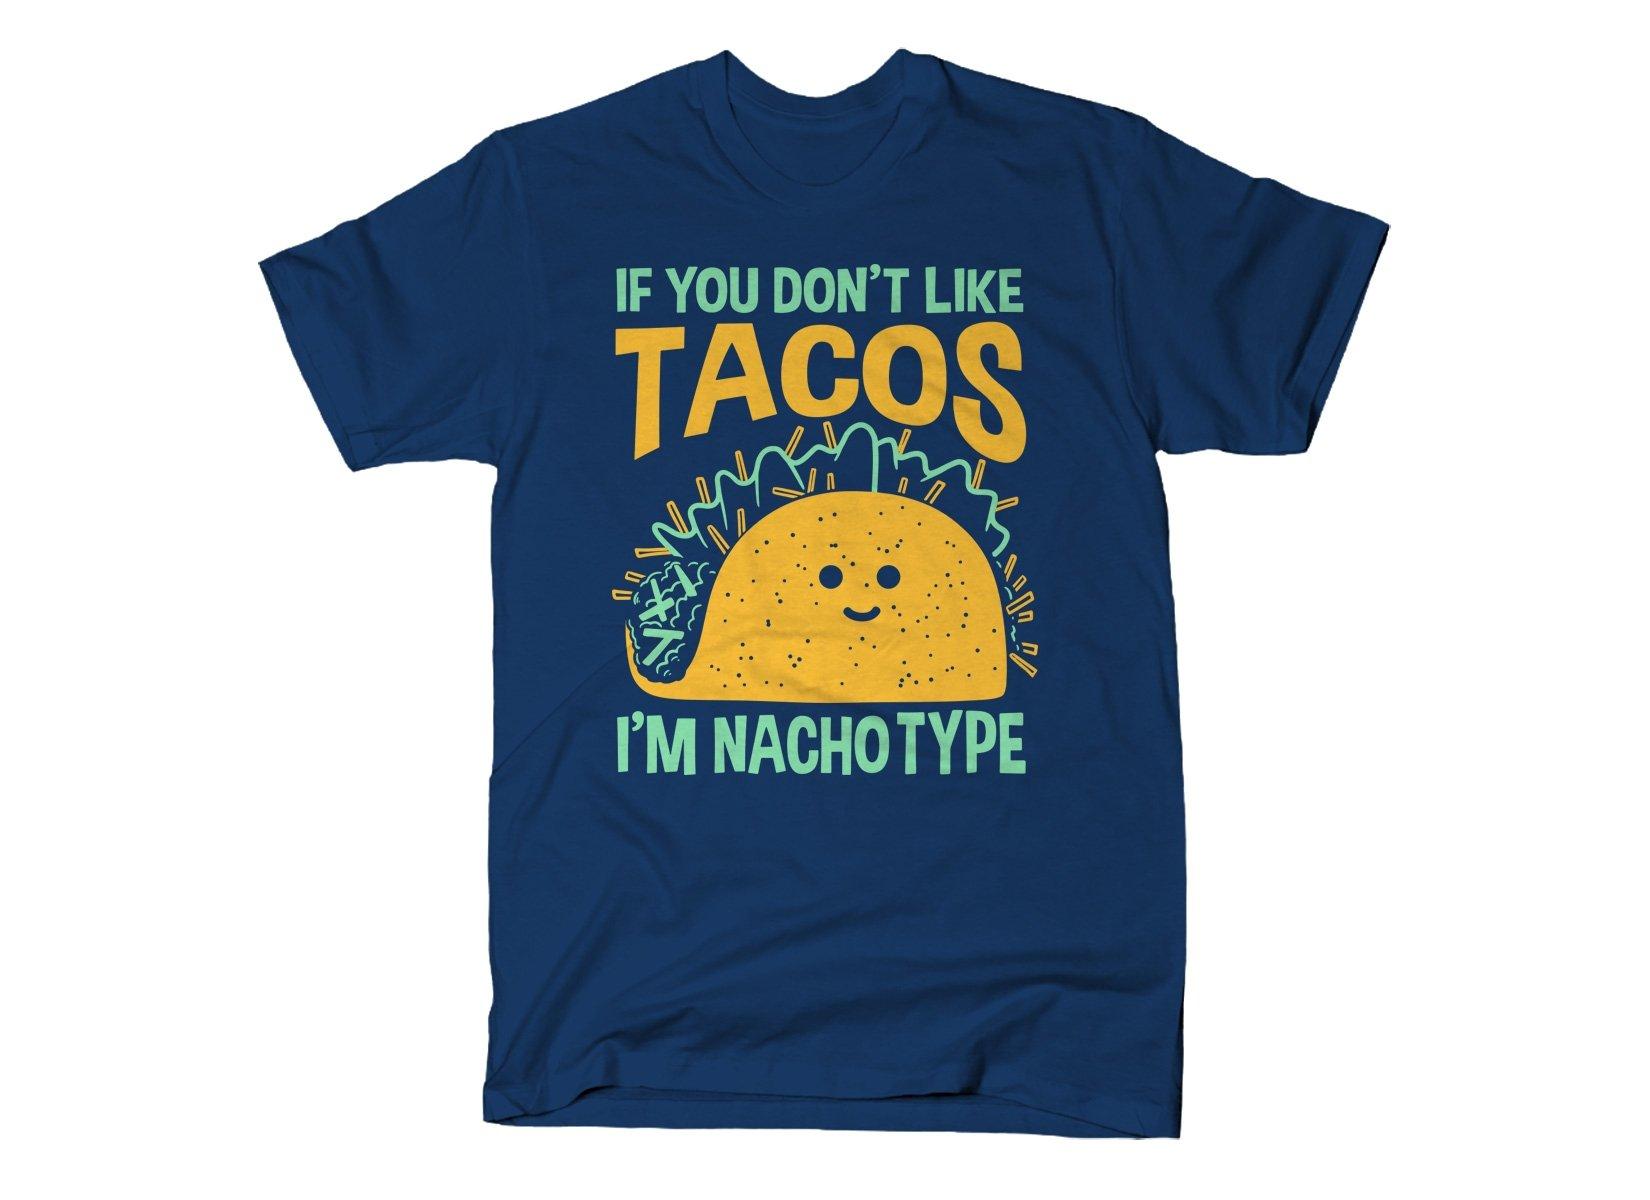 I'm Nacho Type